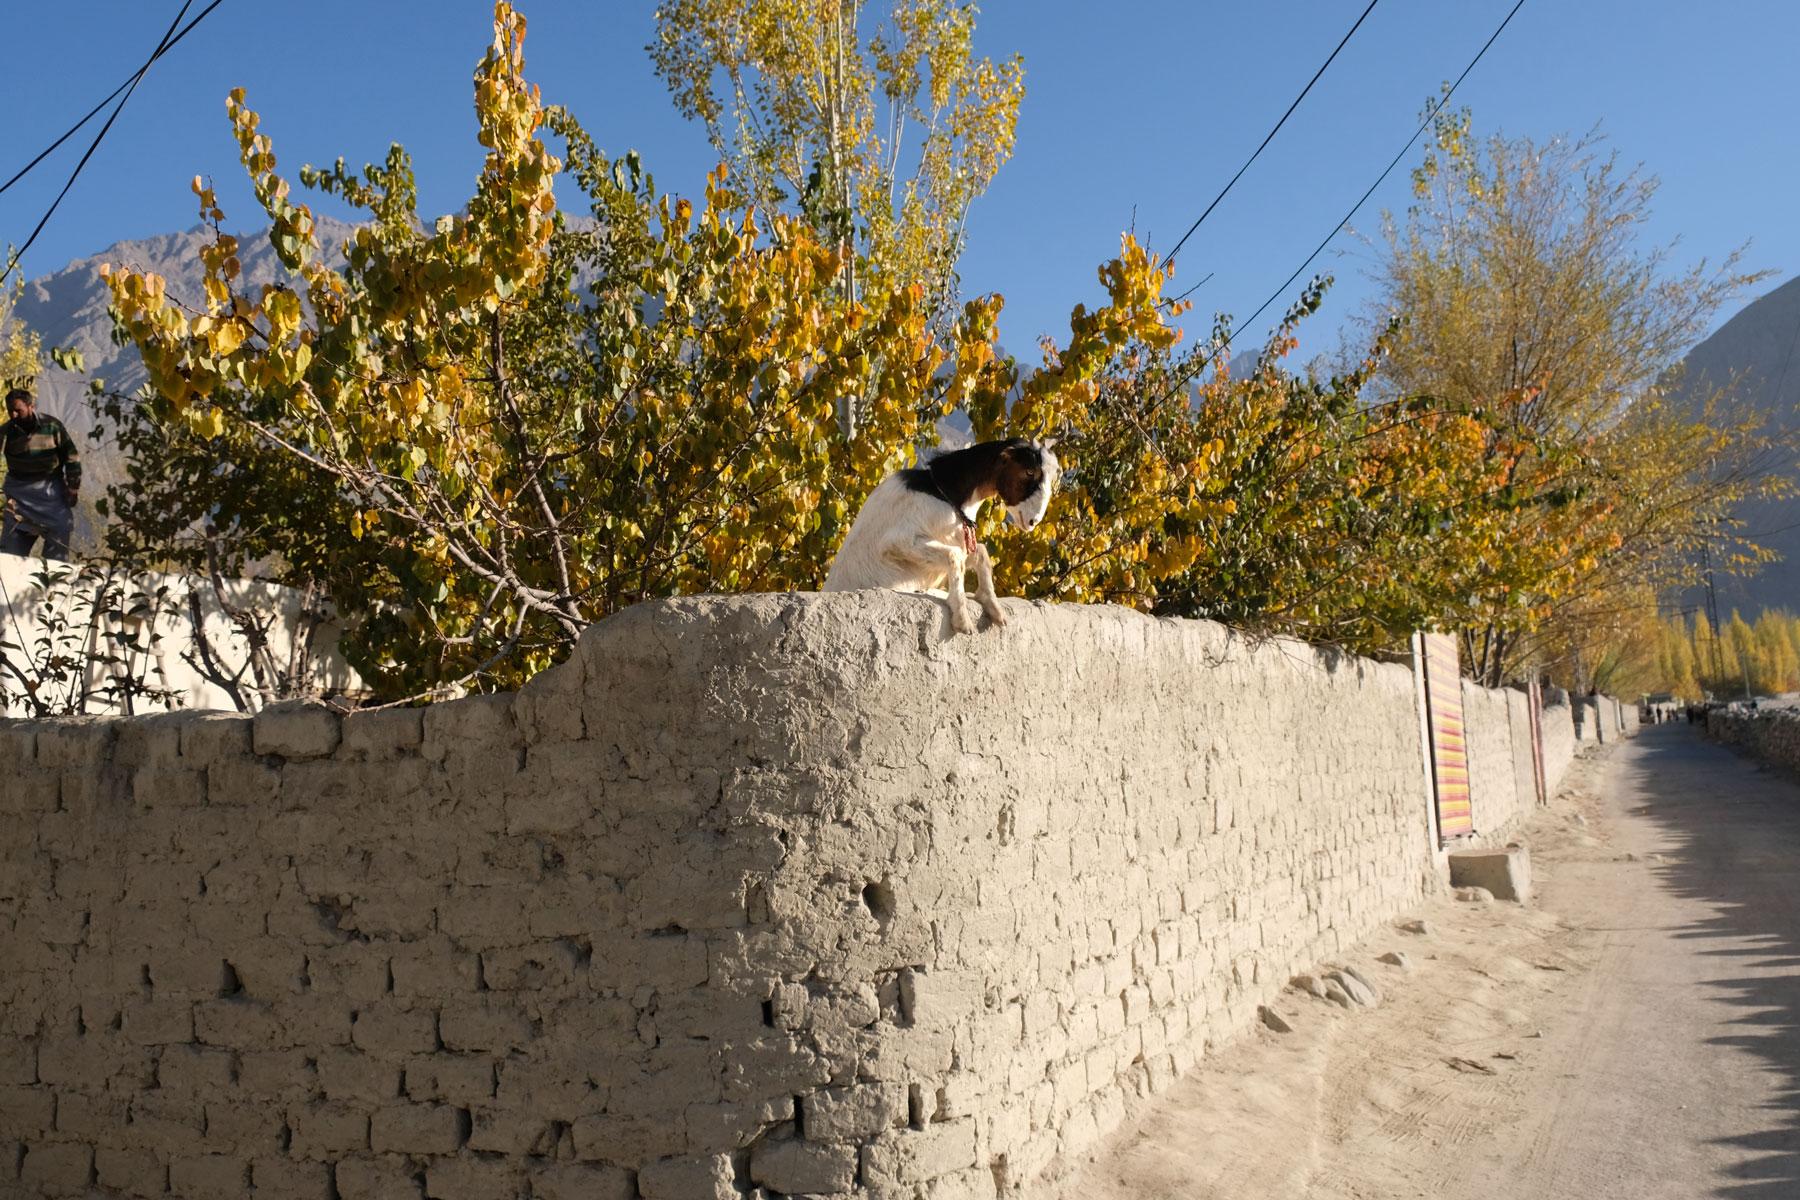 Eine Ziege versucht über eine Steinmauer zu klettern.